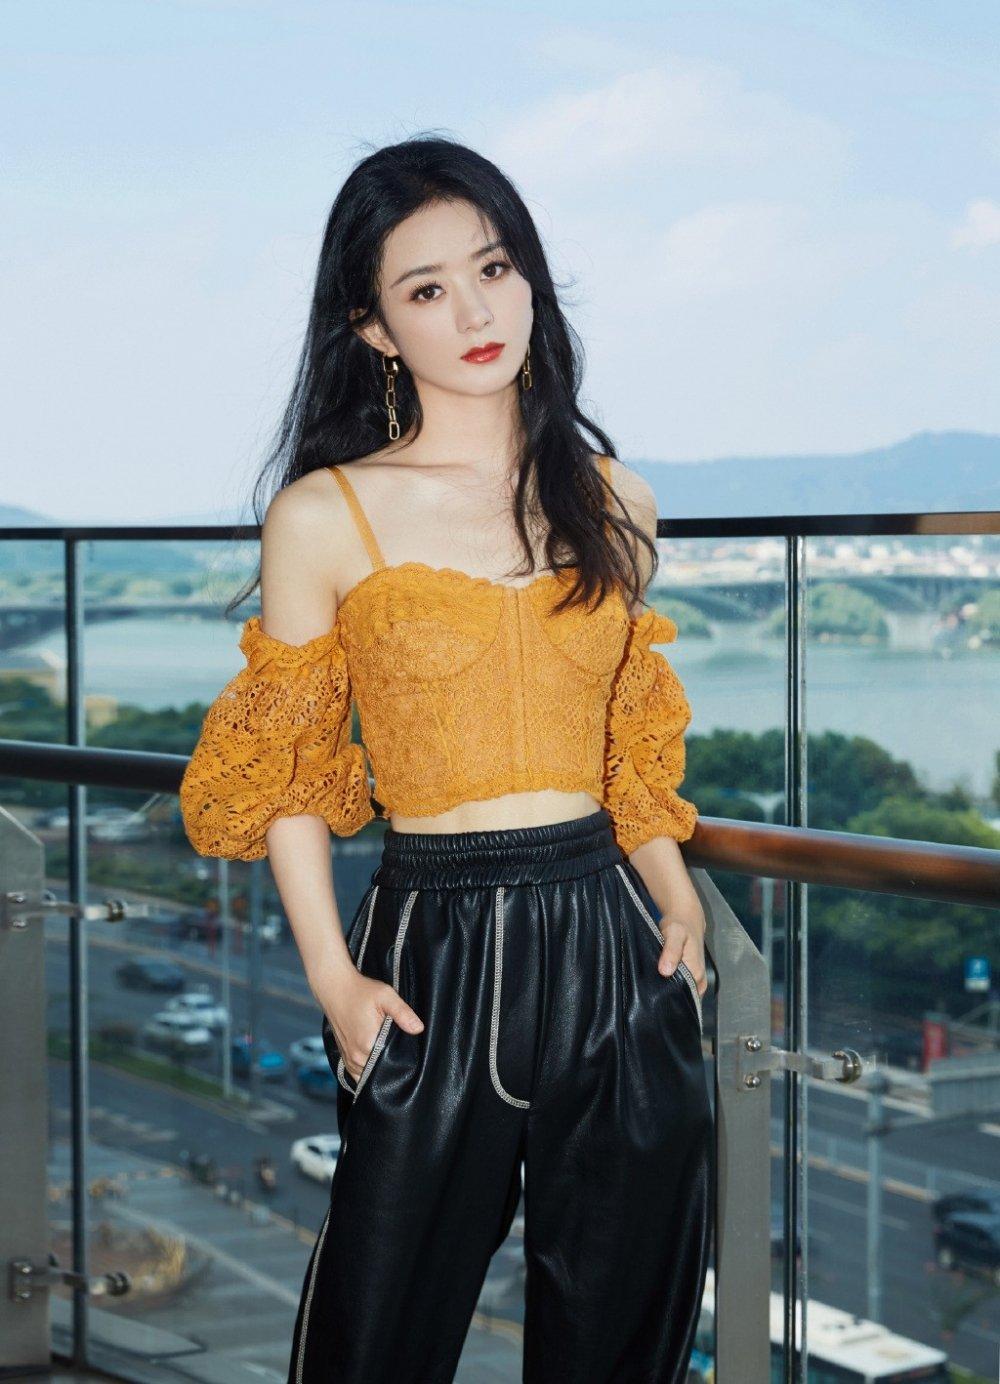 赵丽颖镂空上衣搭配黑色皮裤甜酷写真